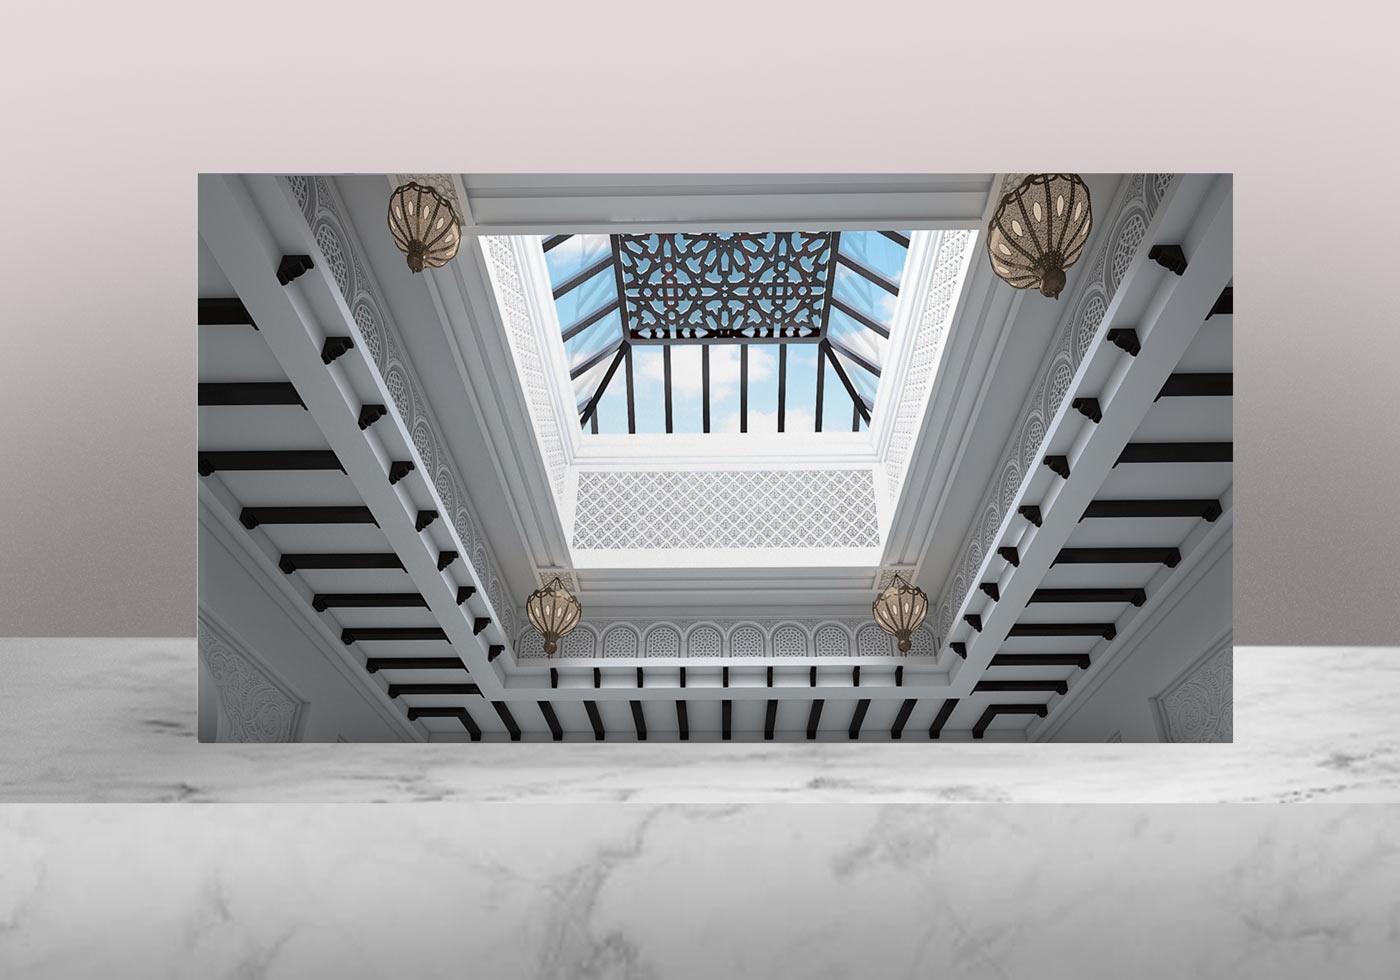 lighting interior design 2 - روش مختلف افزایش کاربرد نور خورشید در فضای داخلی